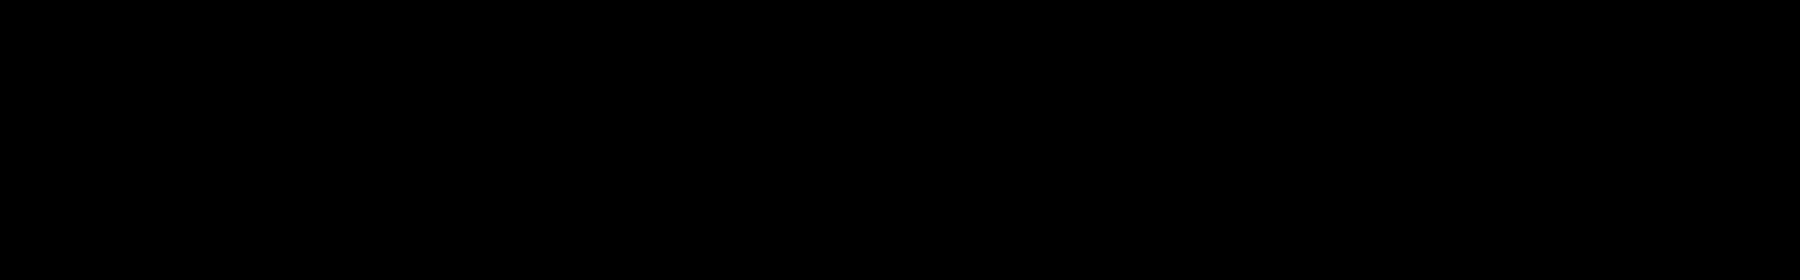 TURNUP audio waveform